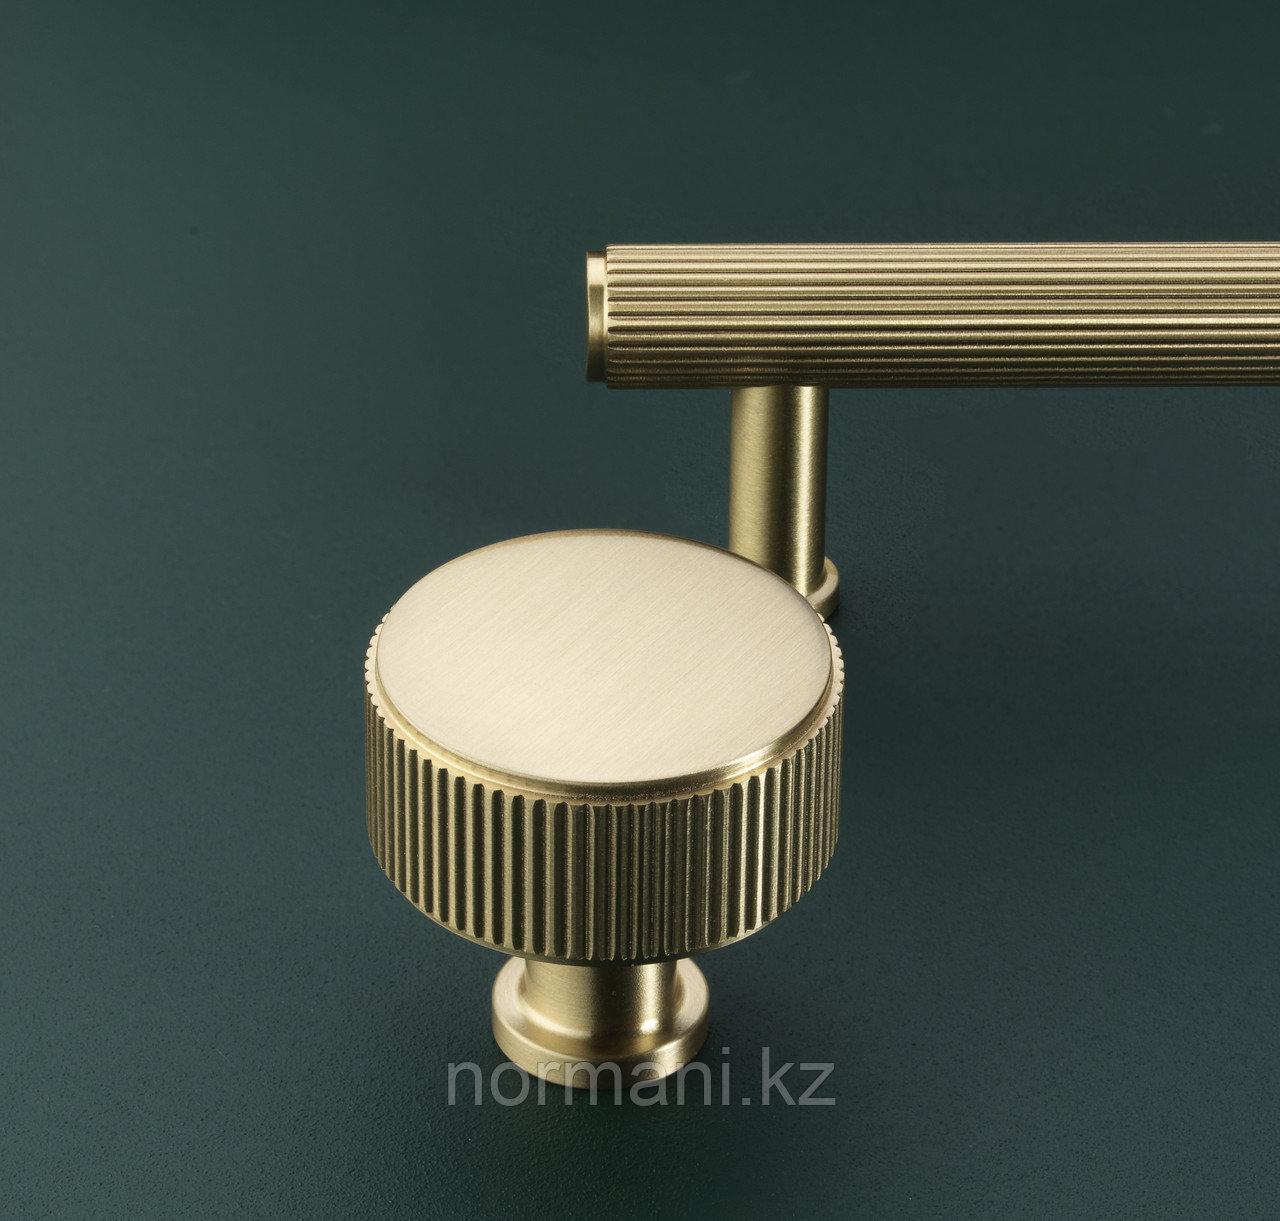 Ручка кнопка диаметр 35 мм, отделка золото матовое